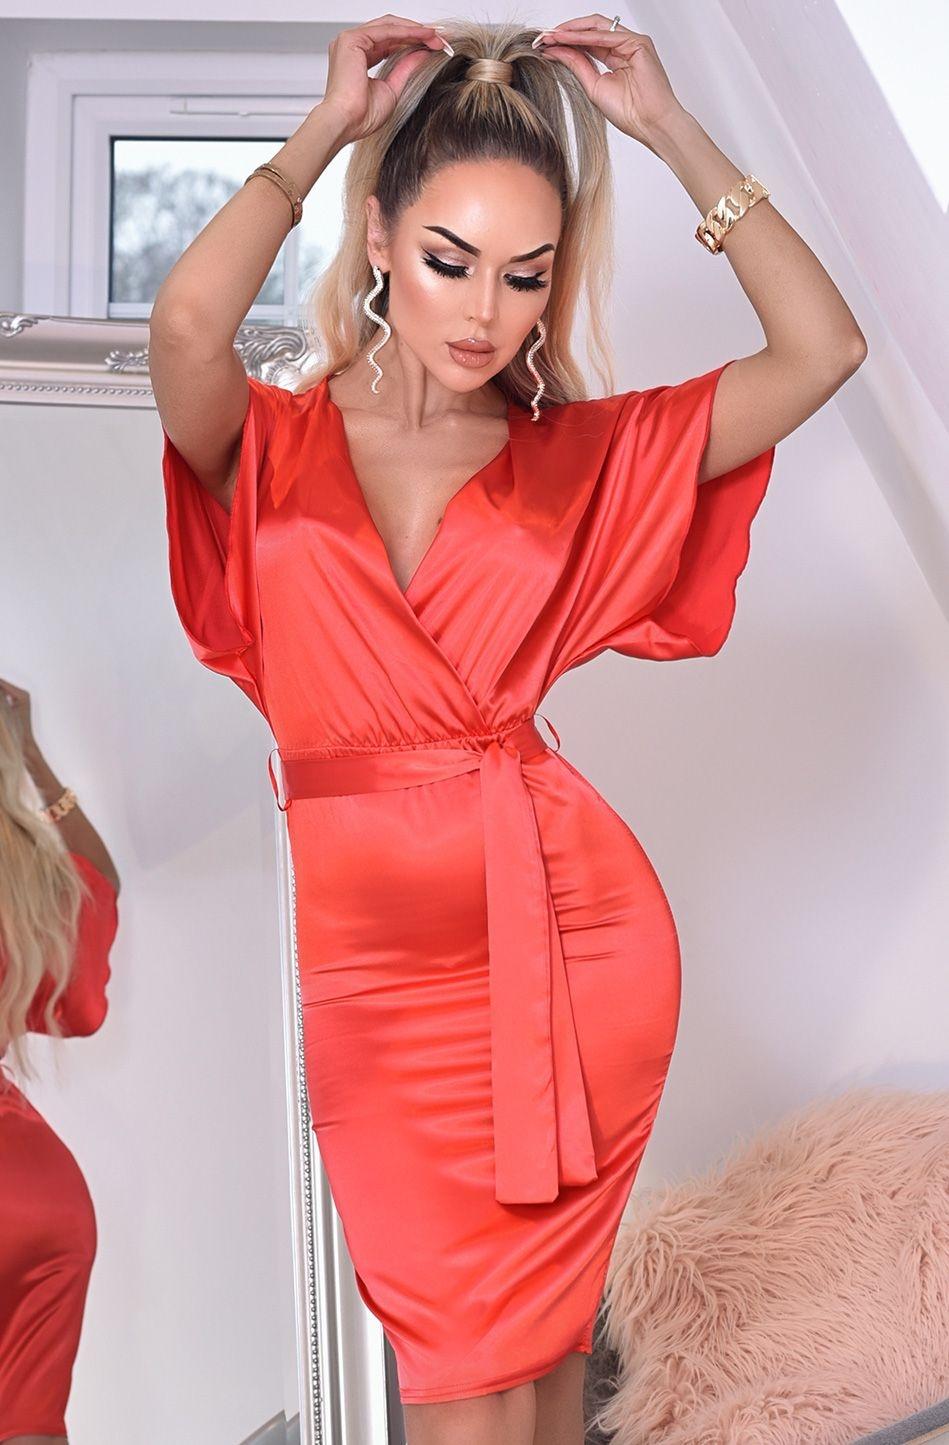 Elona zachte satijnen vleermuismouw jurk met riem rood